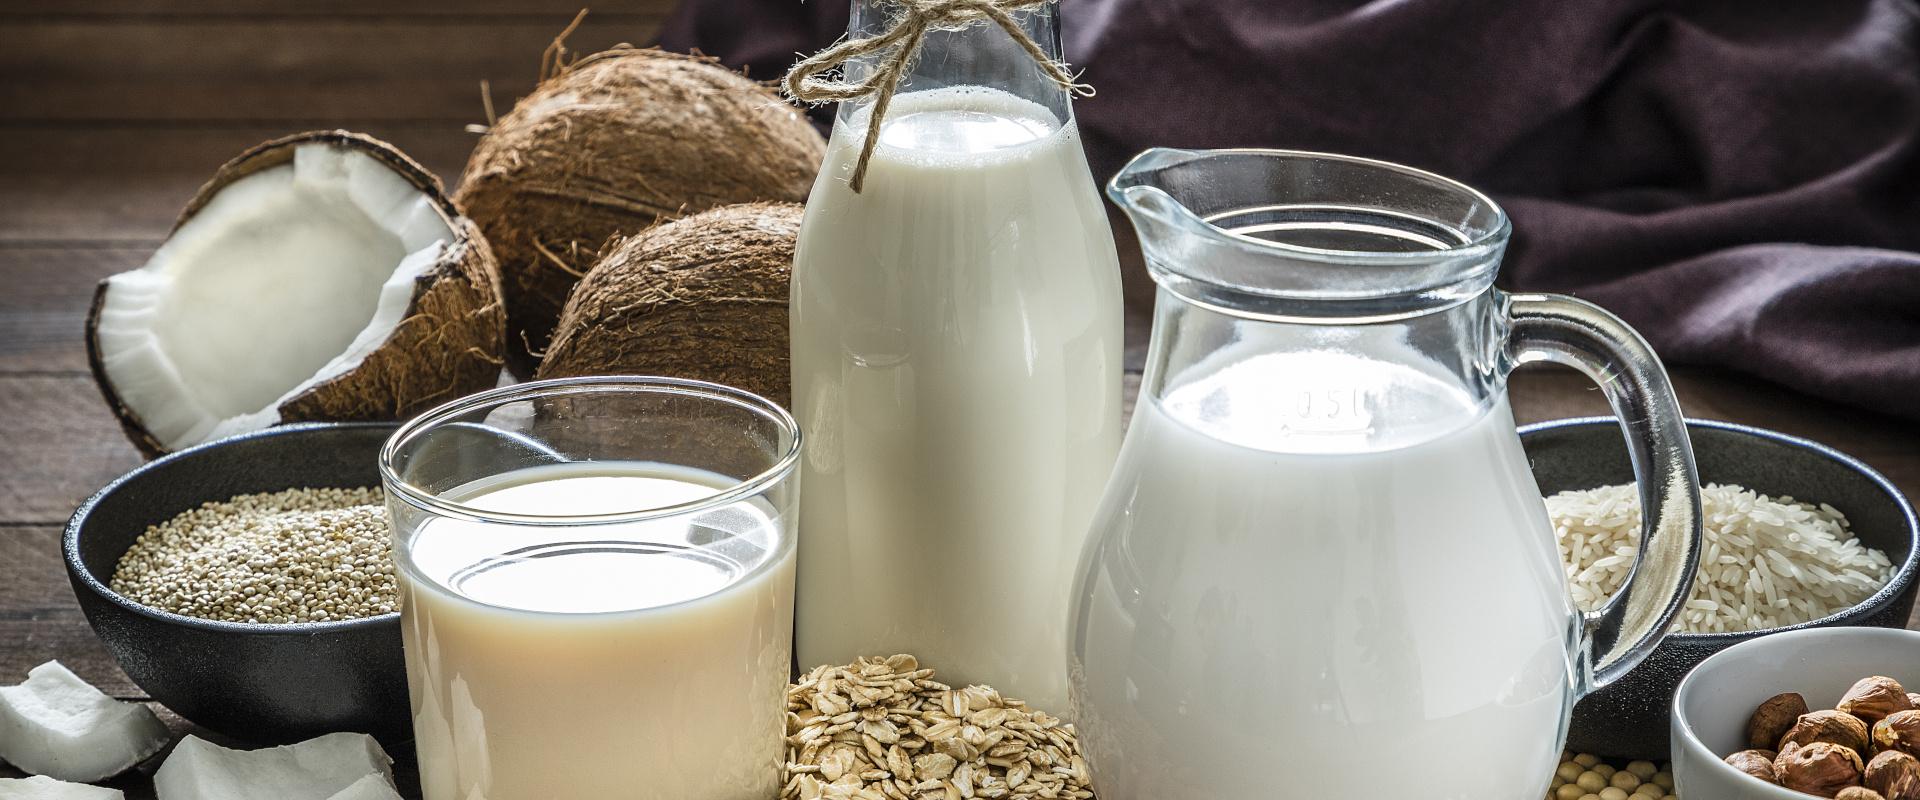 növényi tej cover